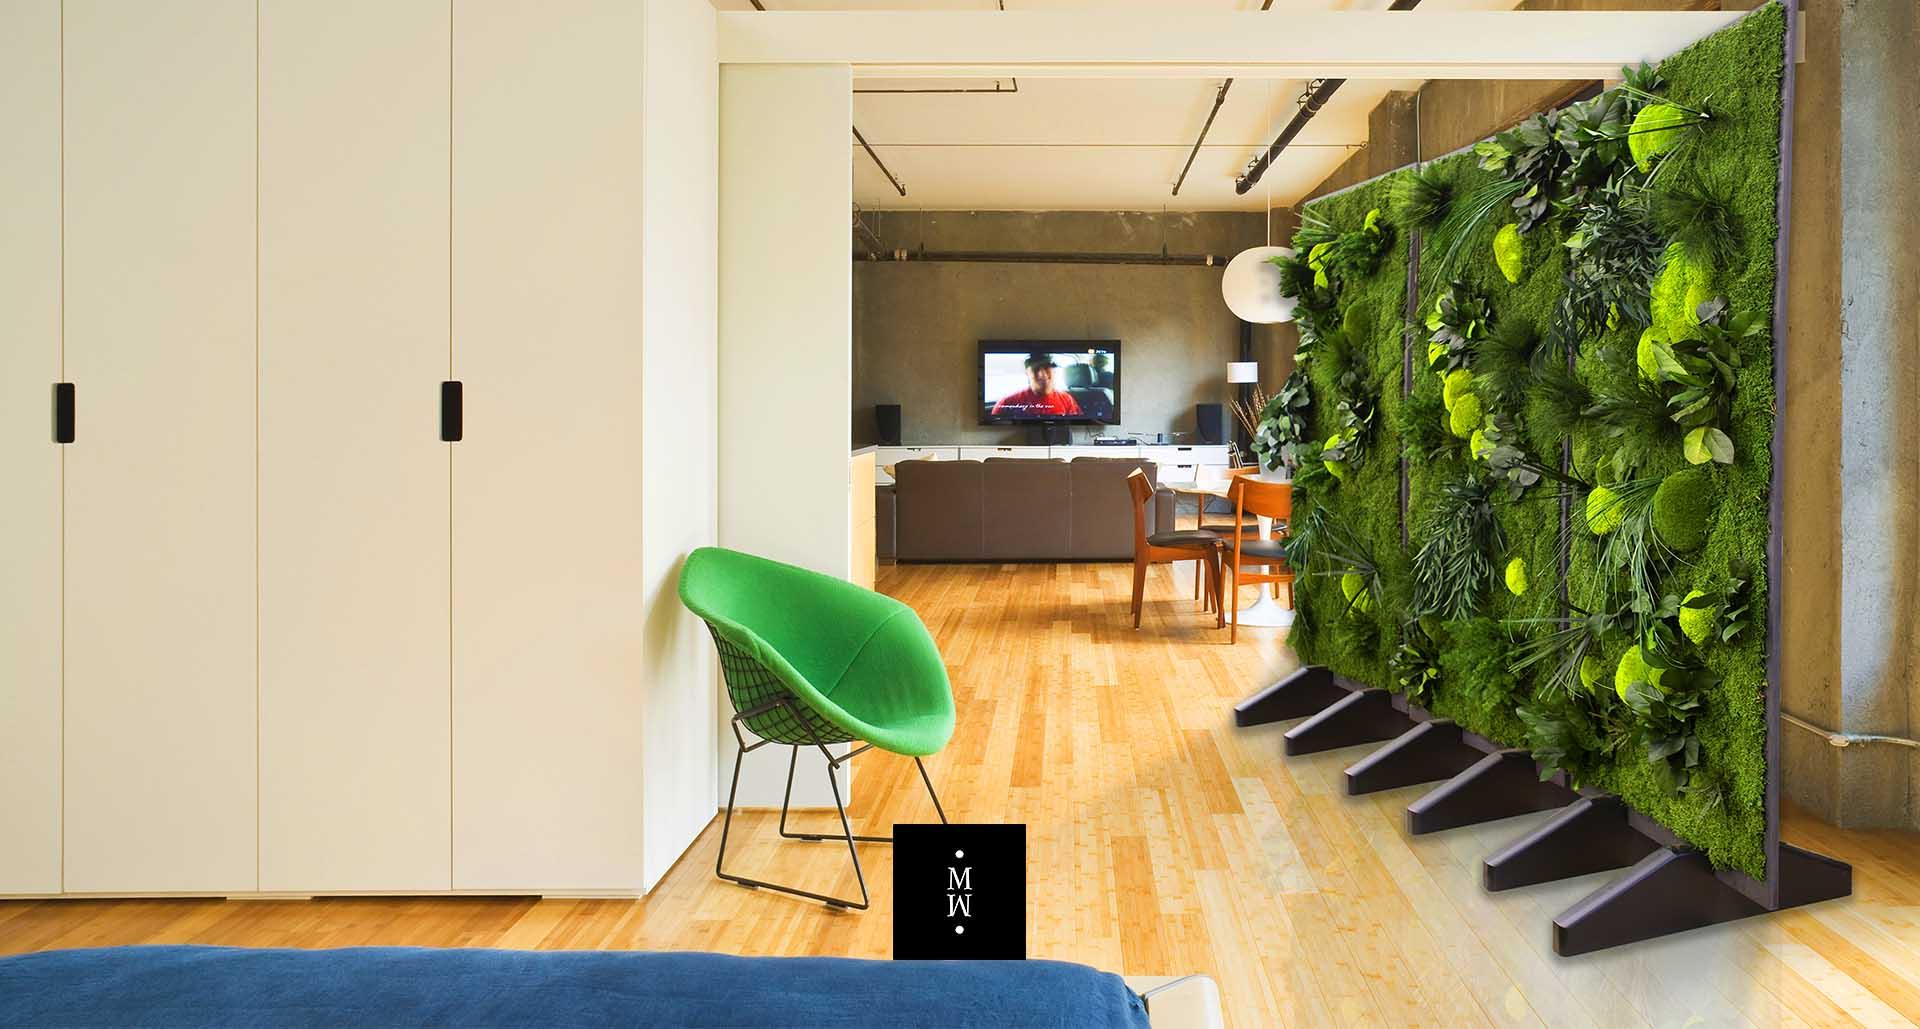 Große mobile  Raumteile mit Dschungelmoos